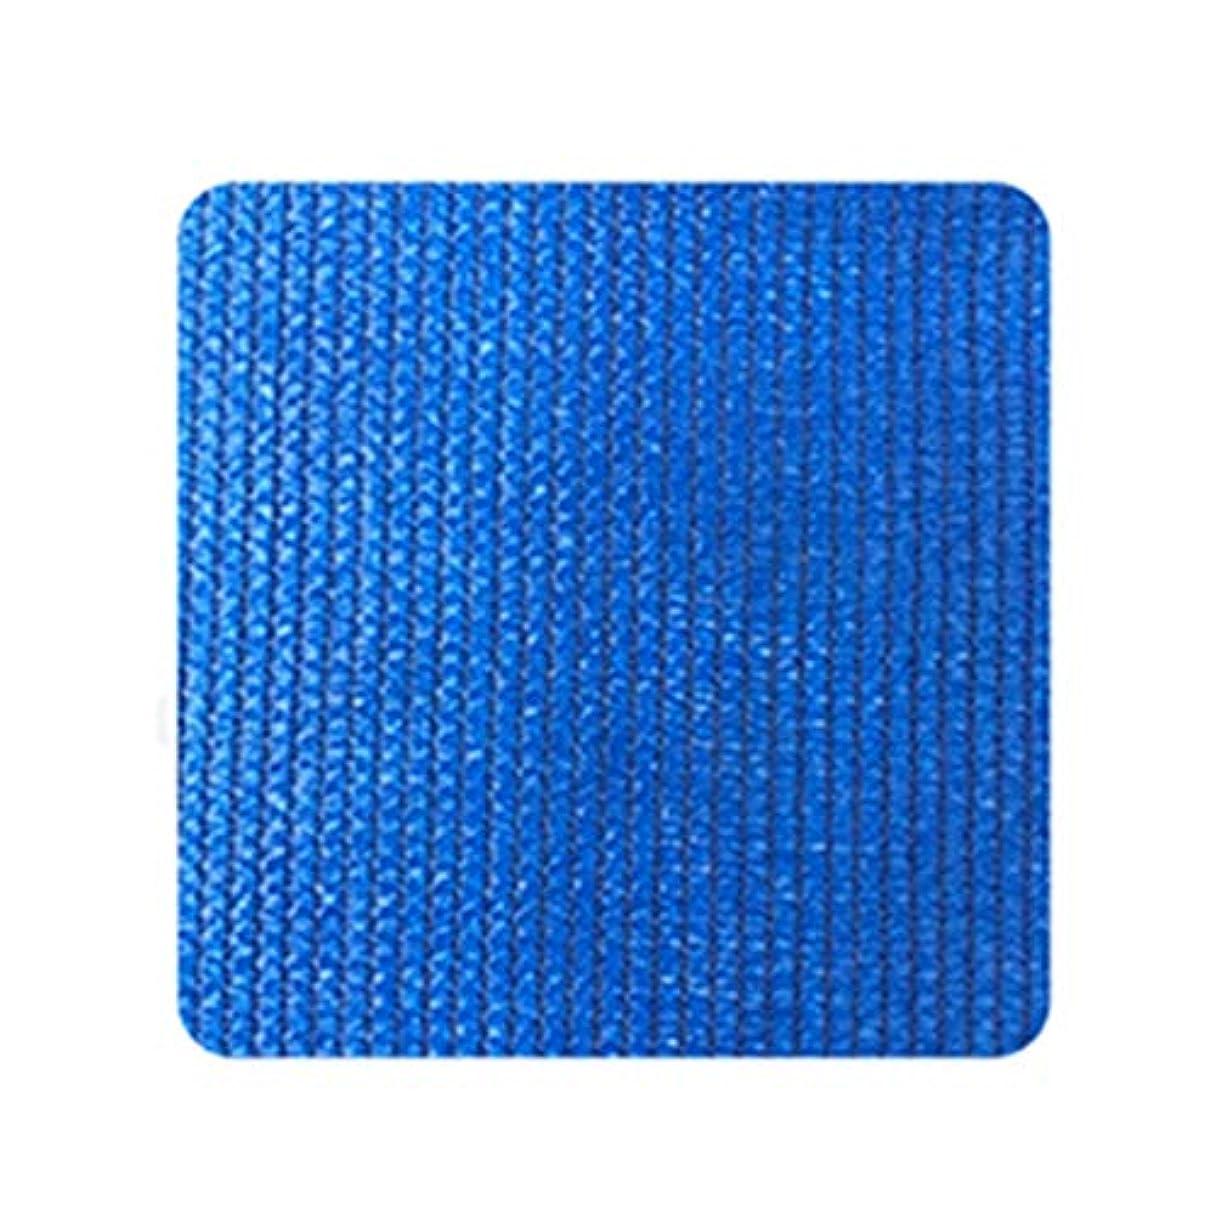 することになっているカーフハーネスPENGFEI オーニングシェード遮光ネット 三角形 庭園 シェード 通気性がある、 185G /㎡、 3色、 サイズカスタマイズ (色 : 青, サイズ さいず : 3.6X3.6X5.1M)